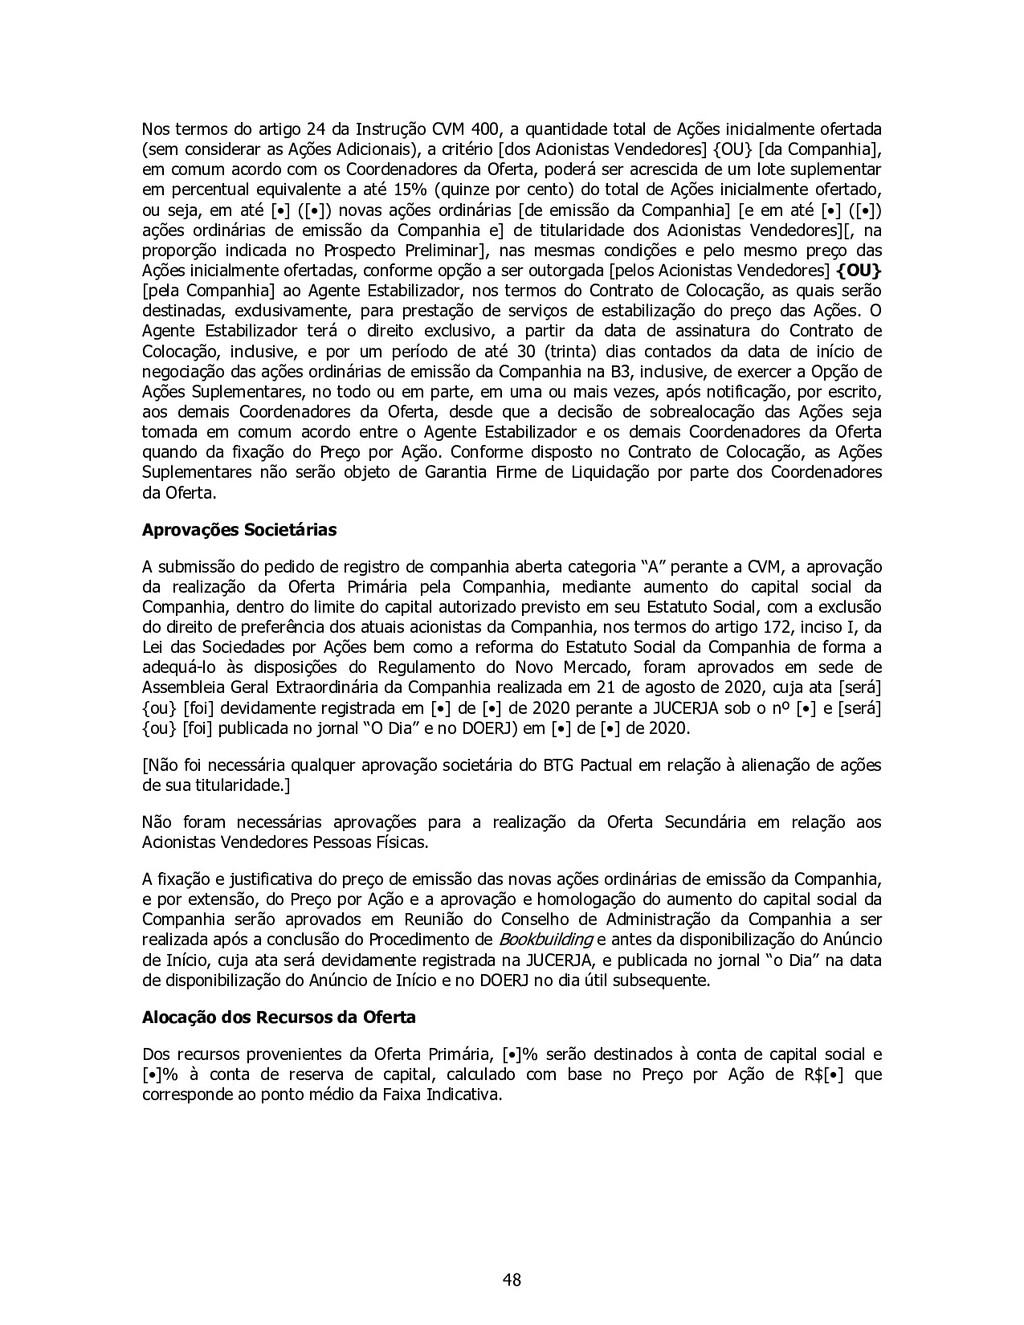 48 Nos termos do artigo 24 da Instrução CVM 400...